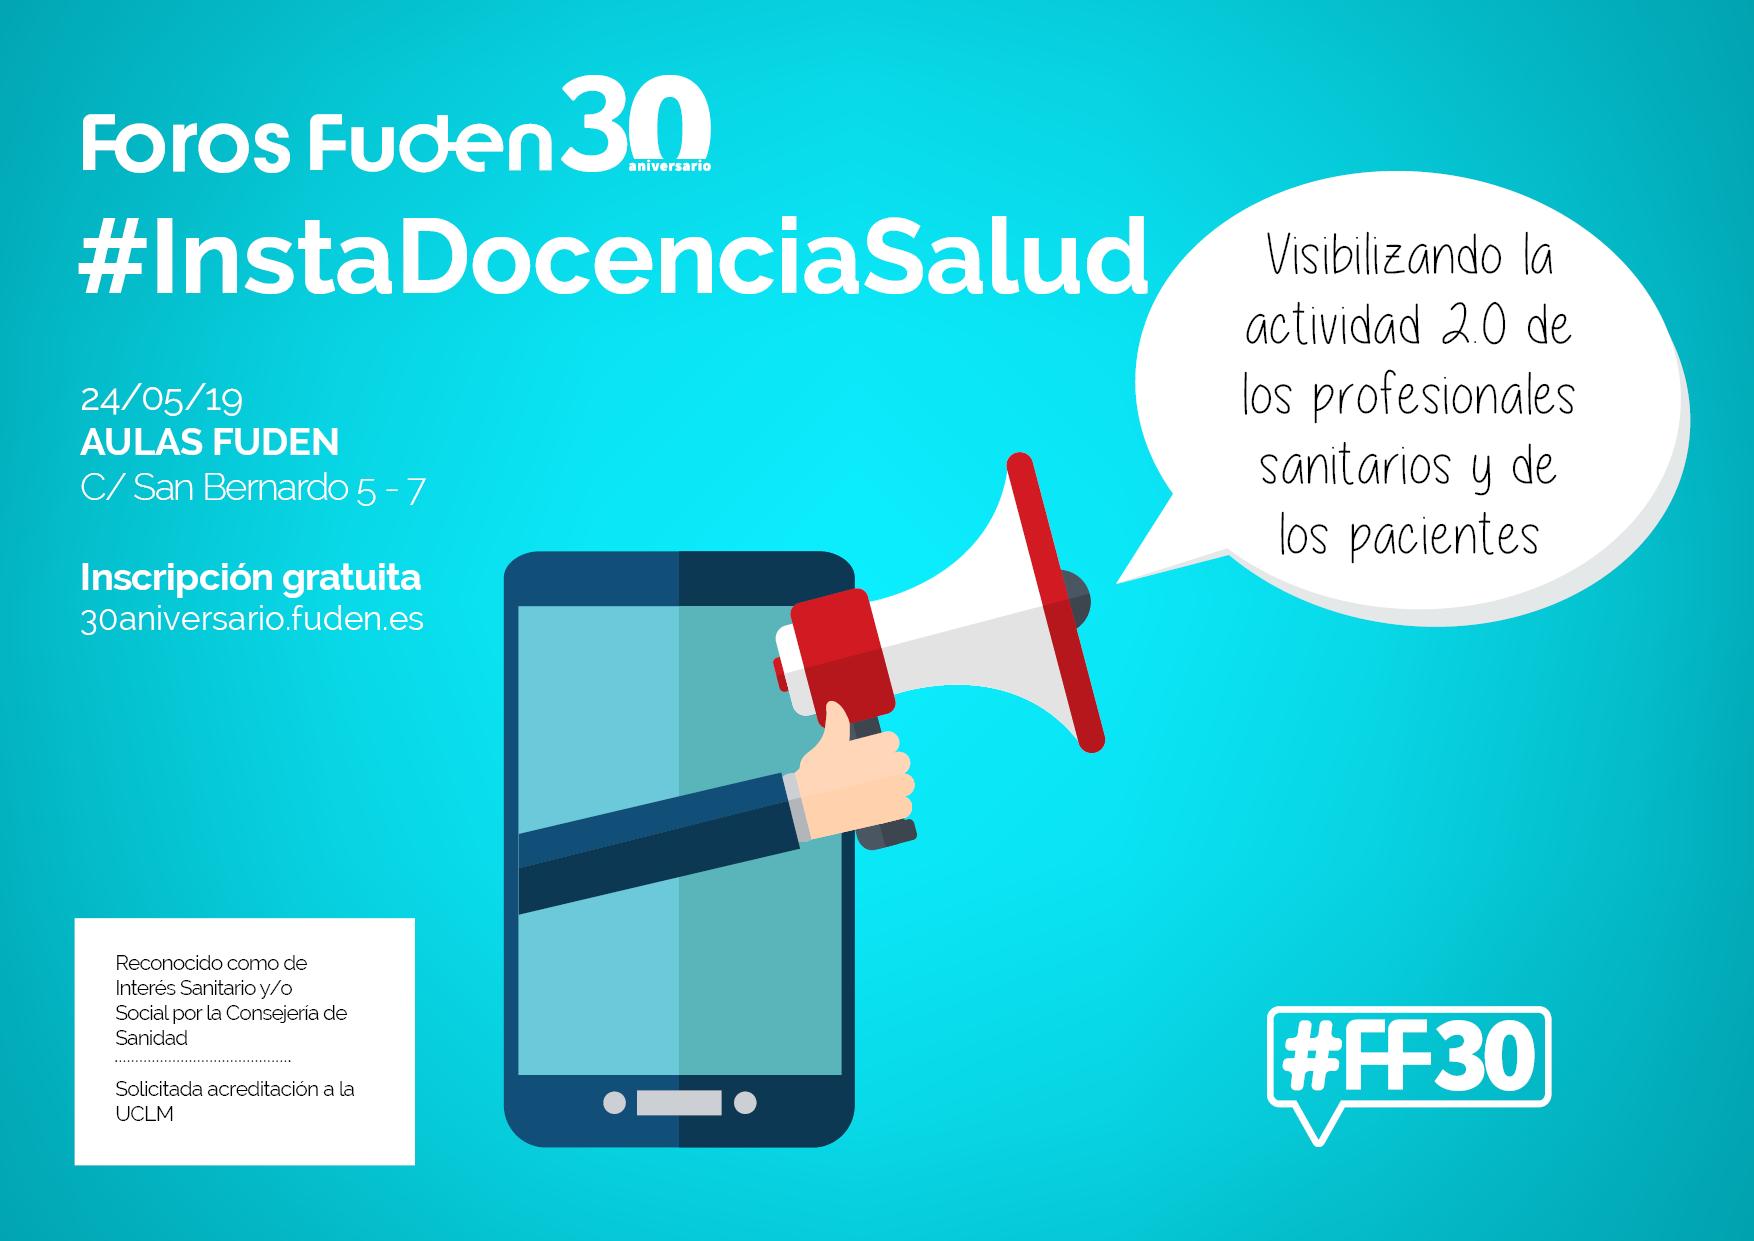 Foro Fuden. #InstaDocenciaSalud